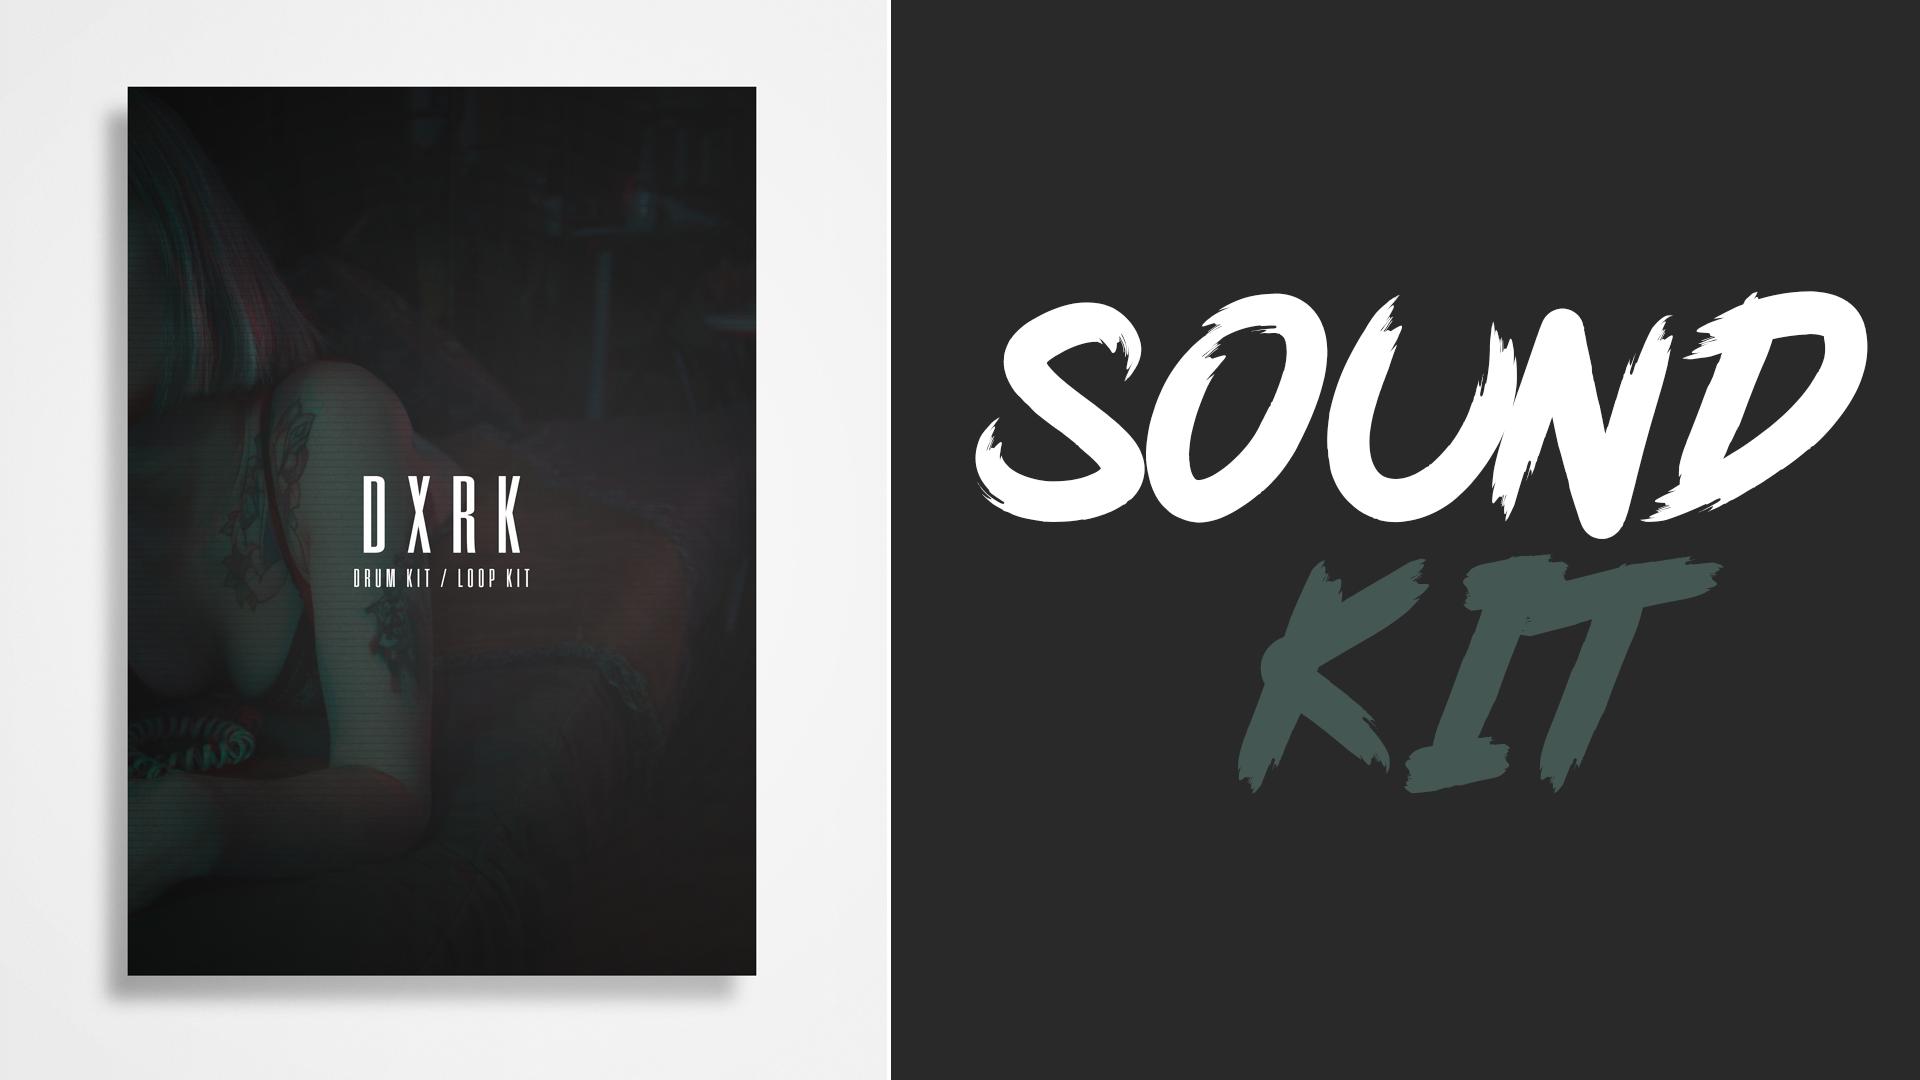 dxrk drum kit loop kit free download